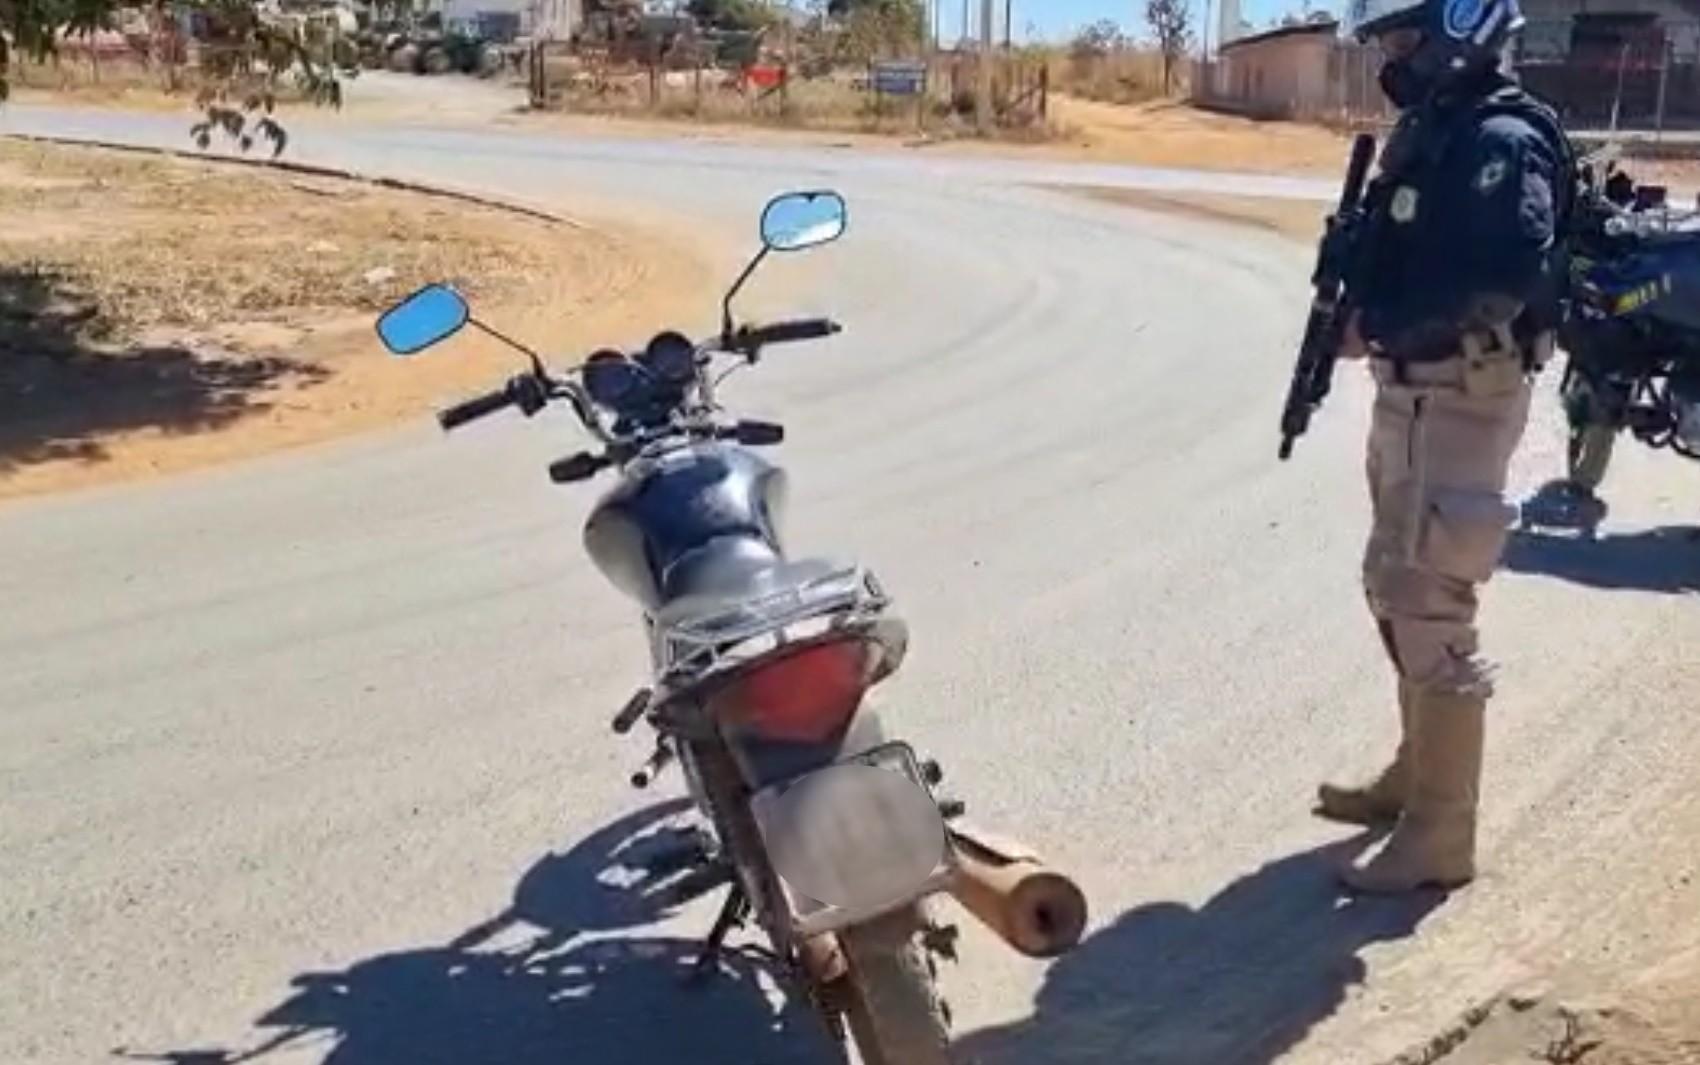 PRF apreende moto com quase R$ 60 mil em multas na BR-020, em Formosa